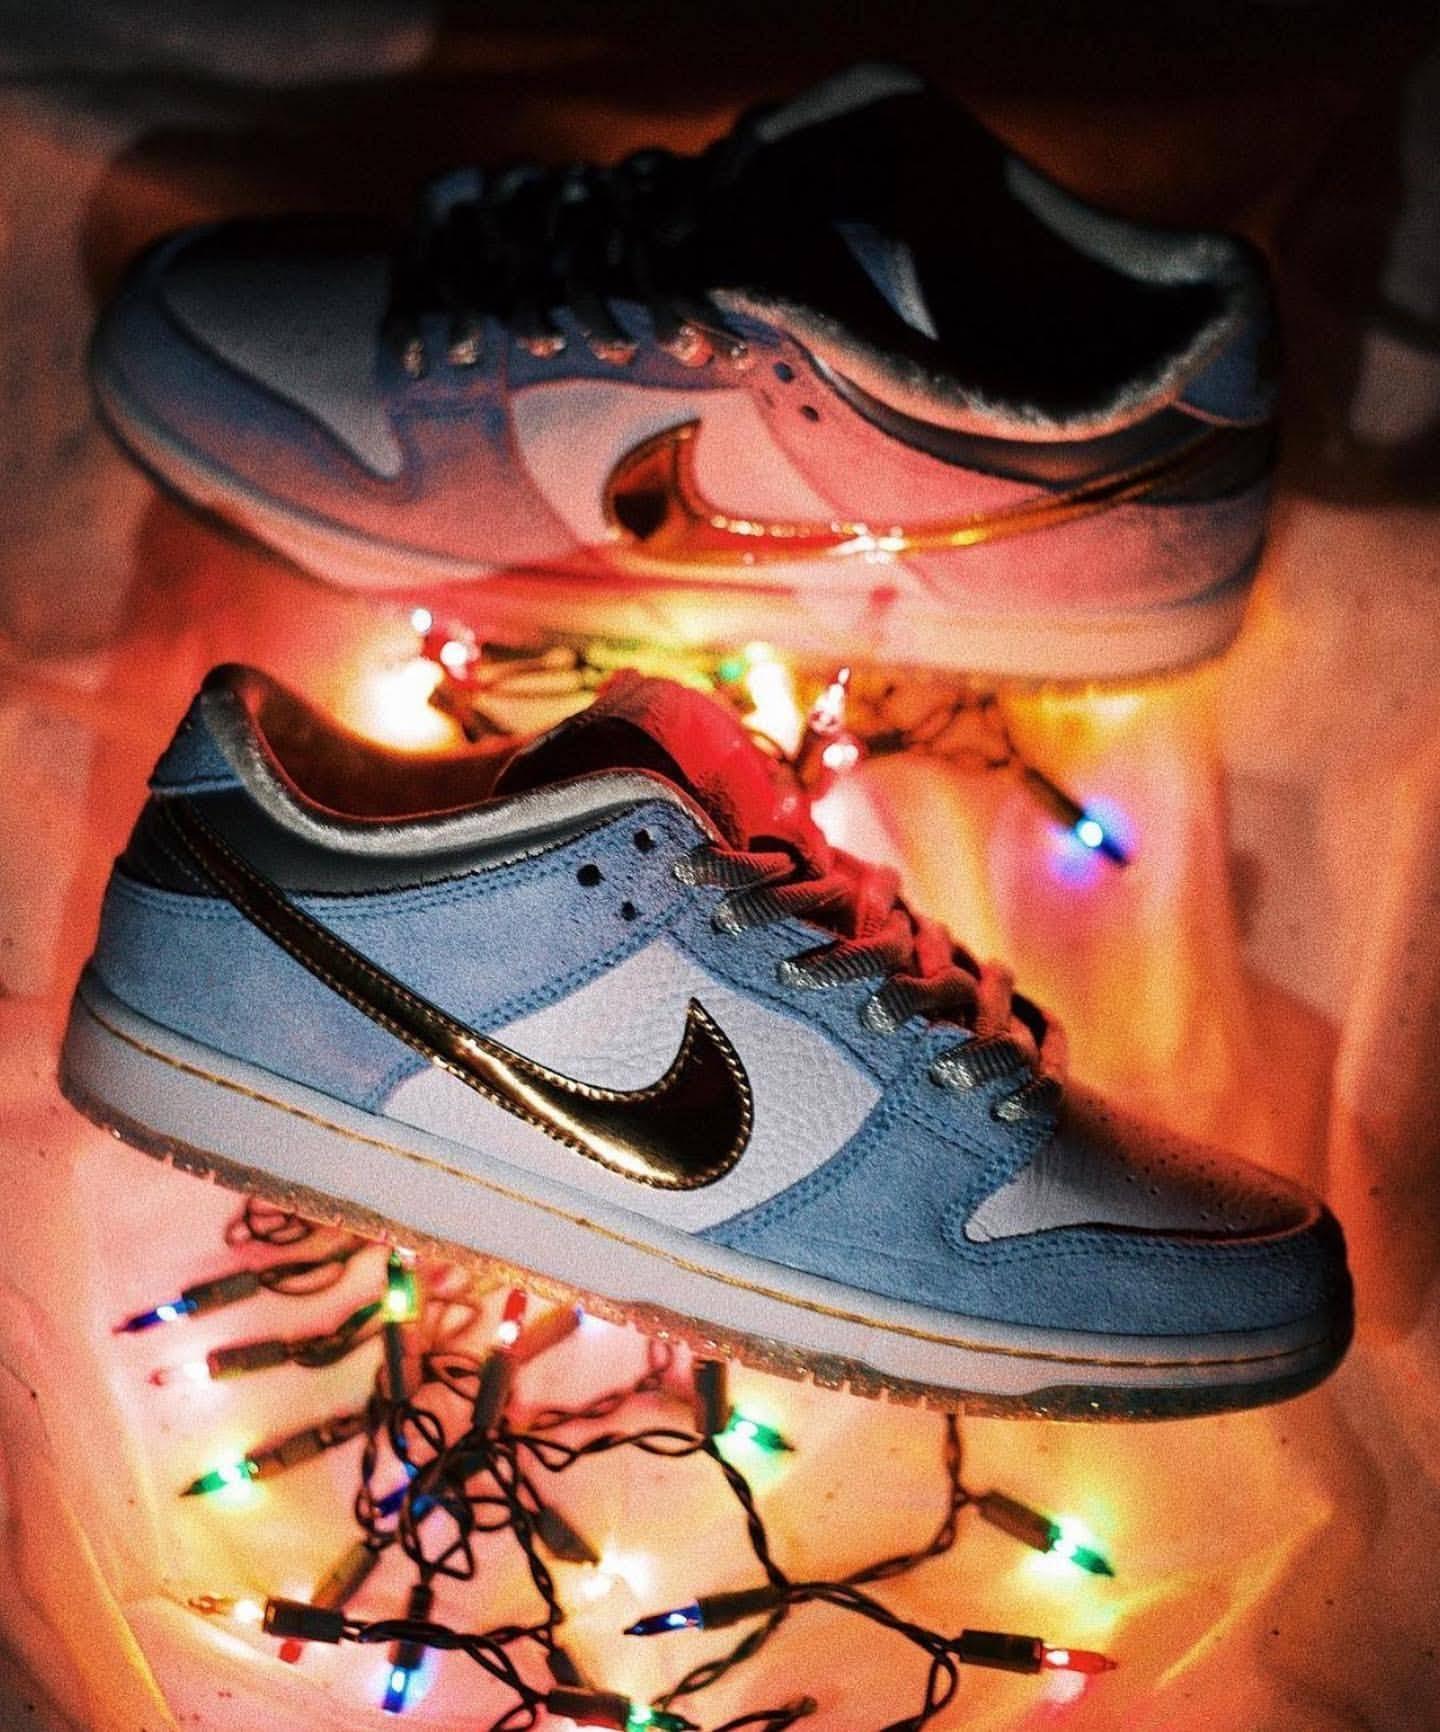 ショーン クライヴァ― ナイキ コラボ ダンク ロー ホリデー スペシャル クリスマス Sean-Cliver-Nike-SB-Dunk-Low-Holiday-Special